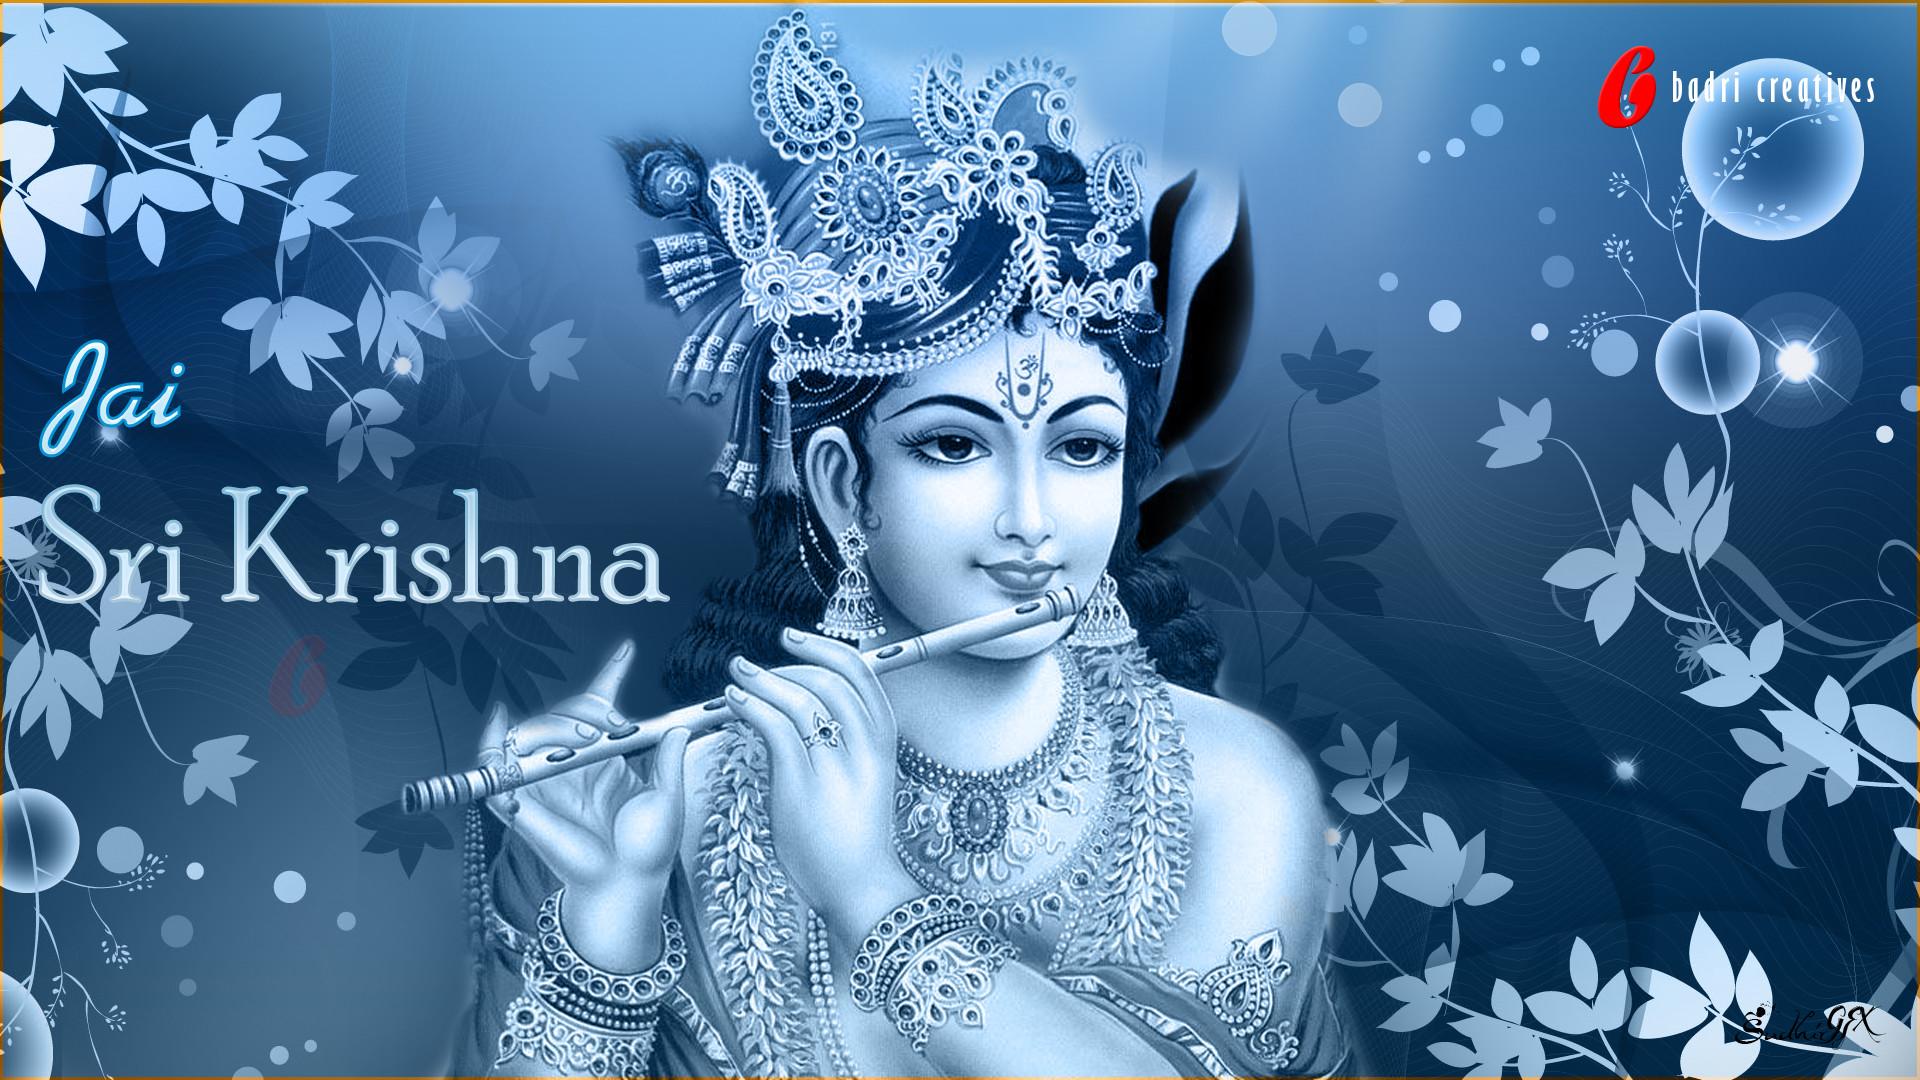 Lord Krishna Wallpaper 2018 ①